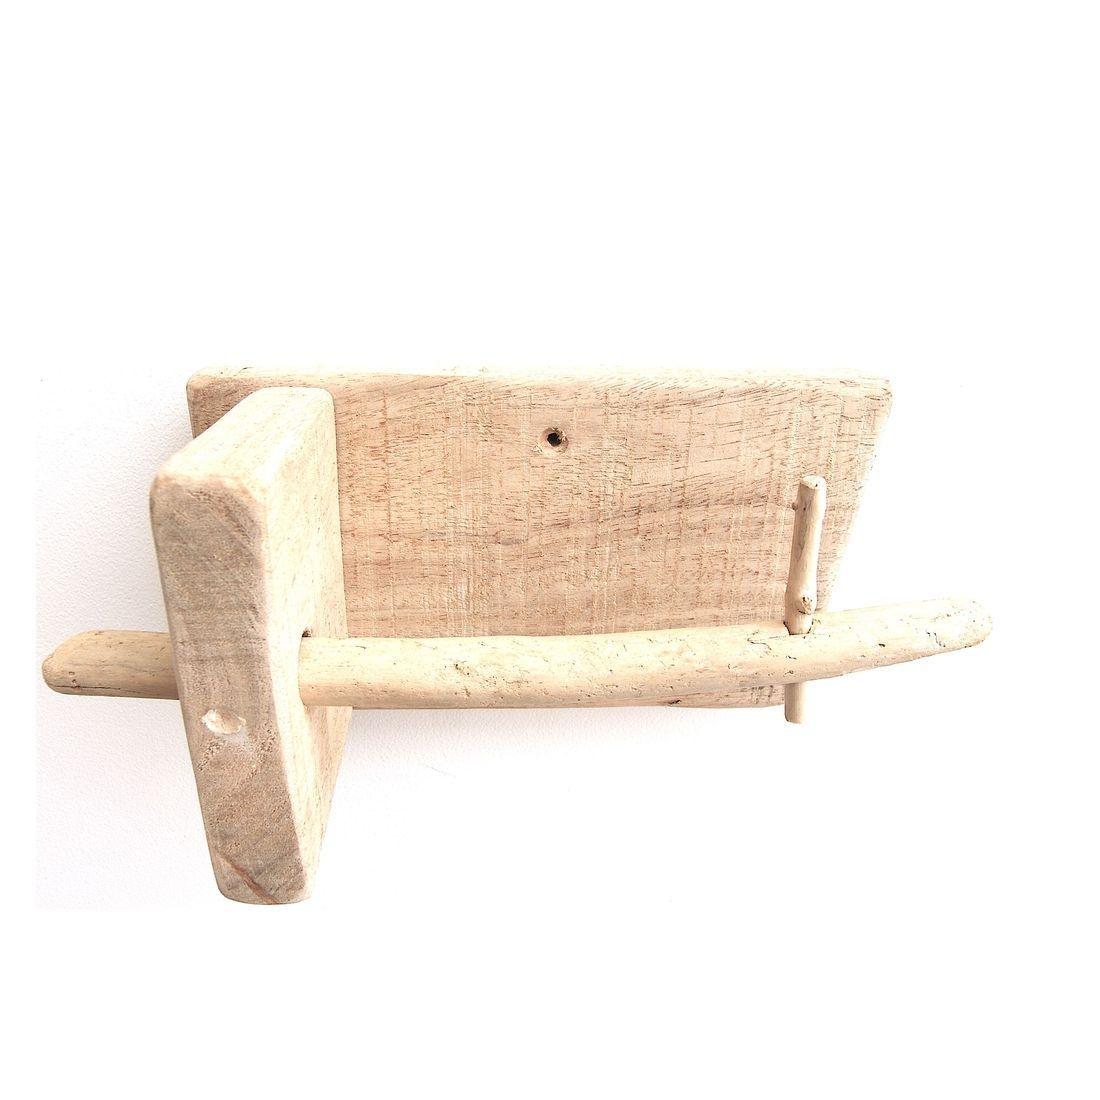 Driftwood toilet roll holder 1